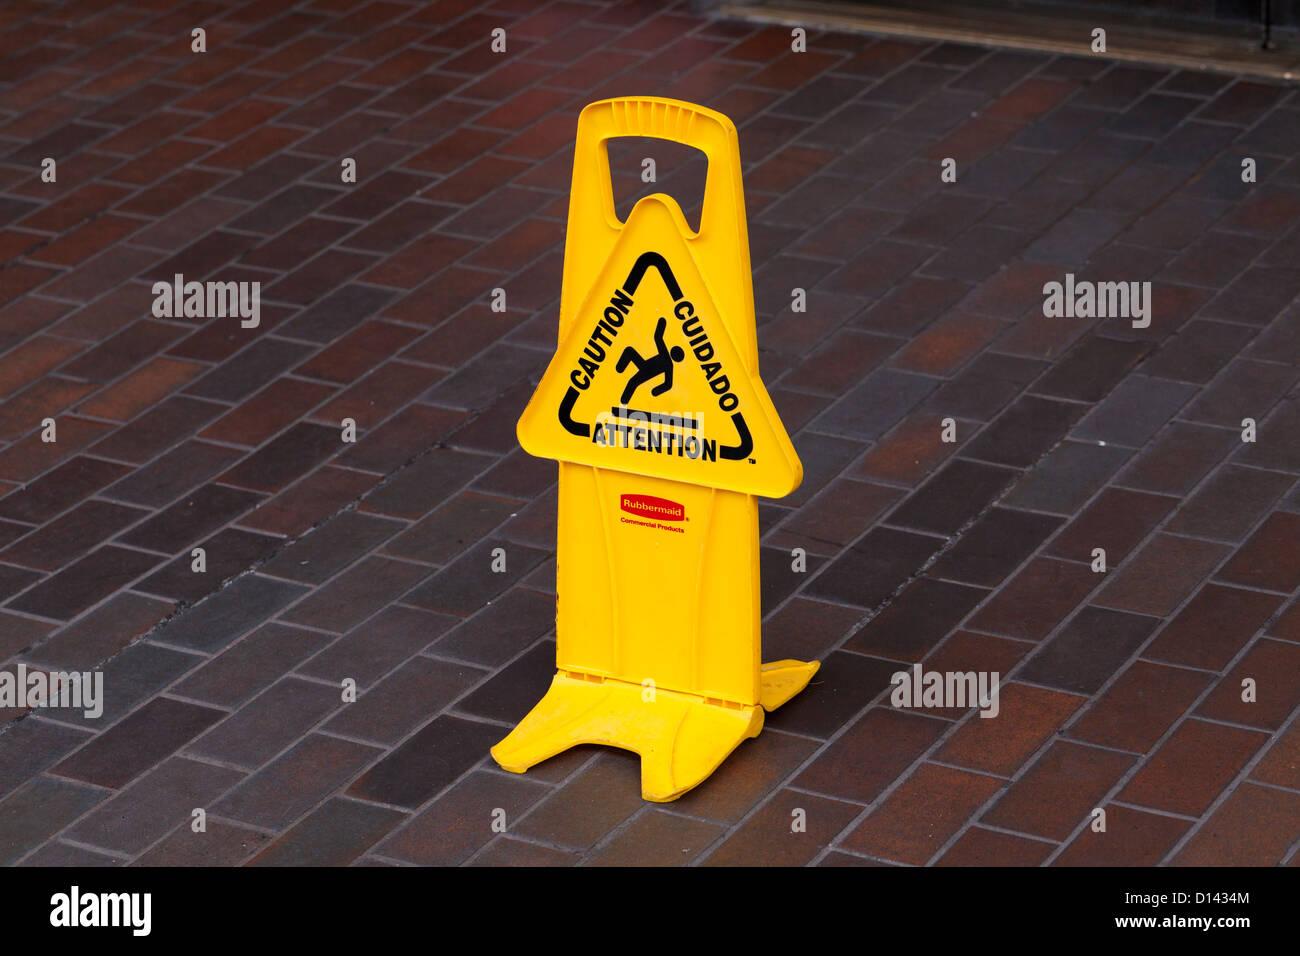 Wet floor sign on tile floor - Stock Image